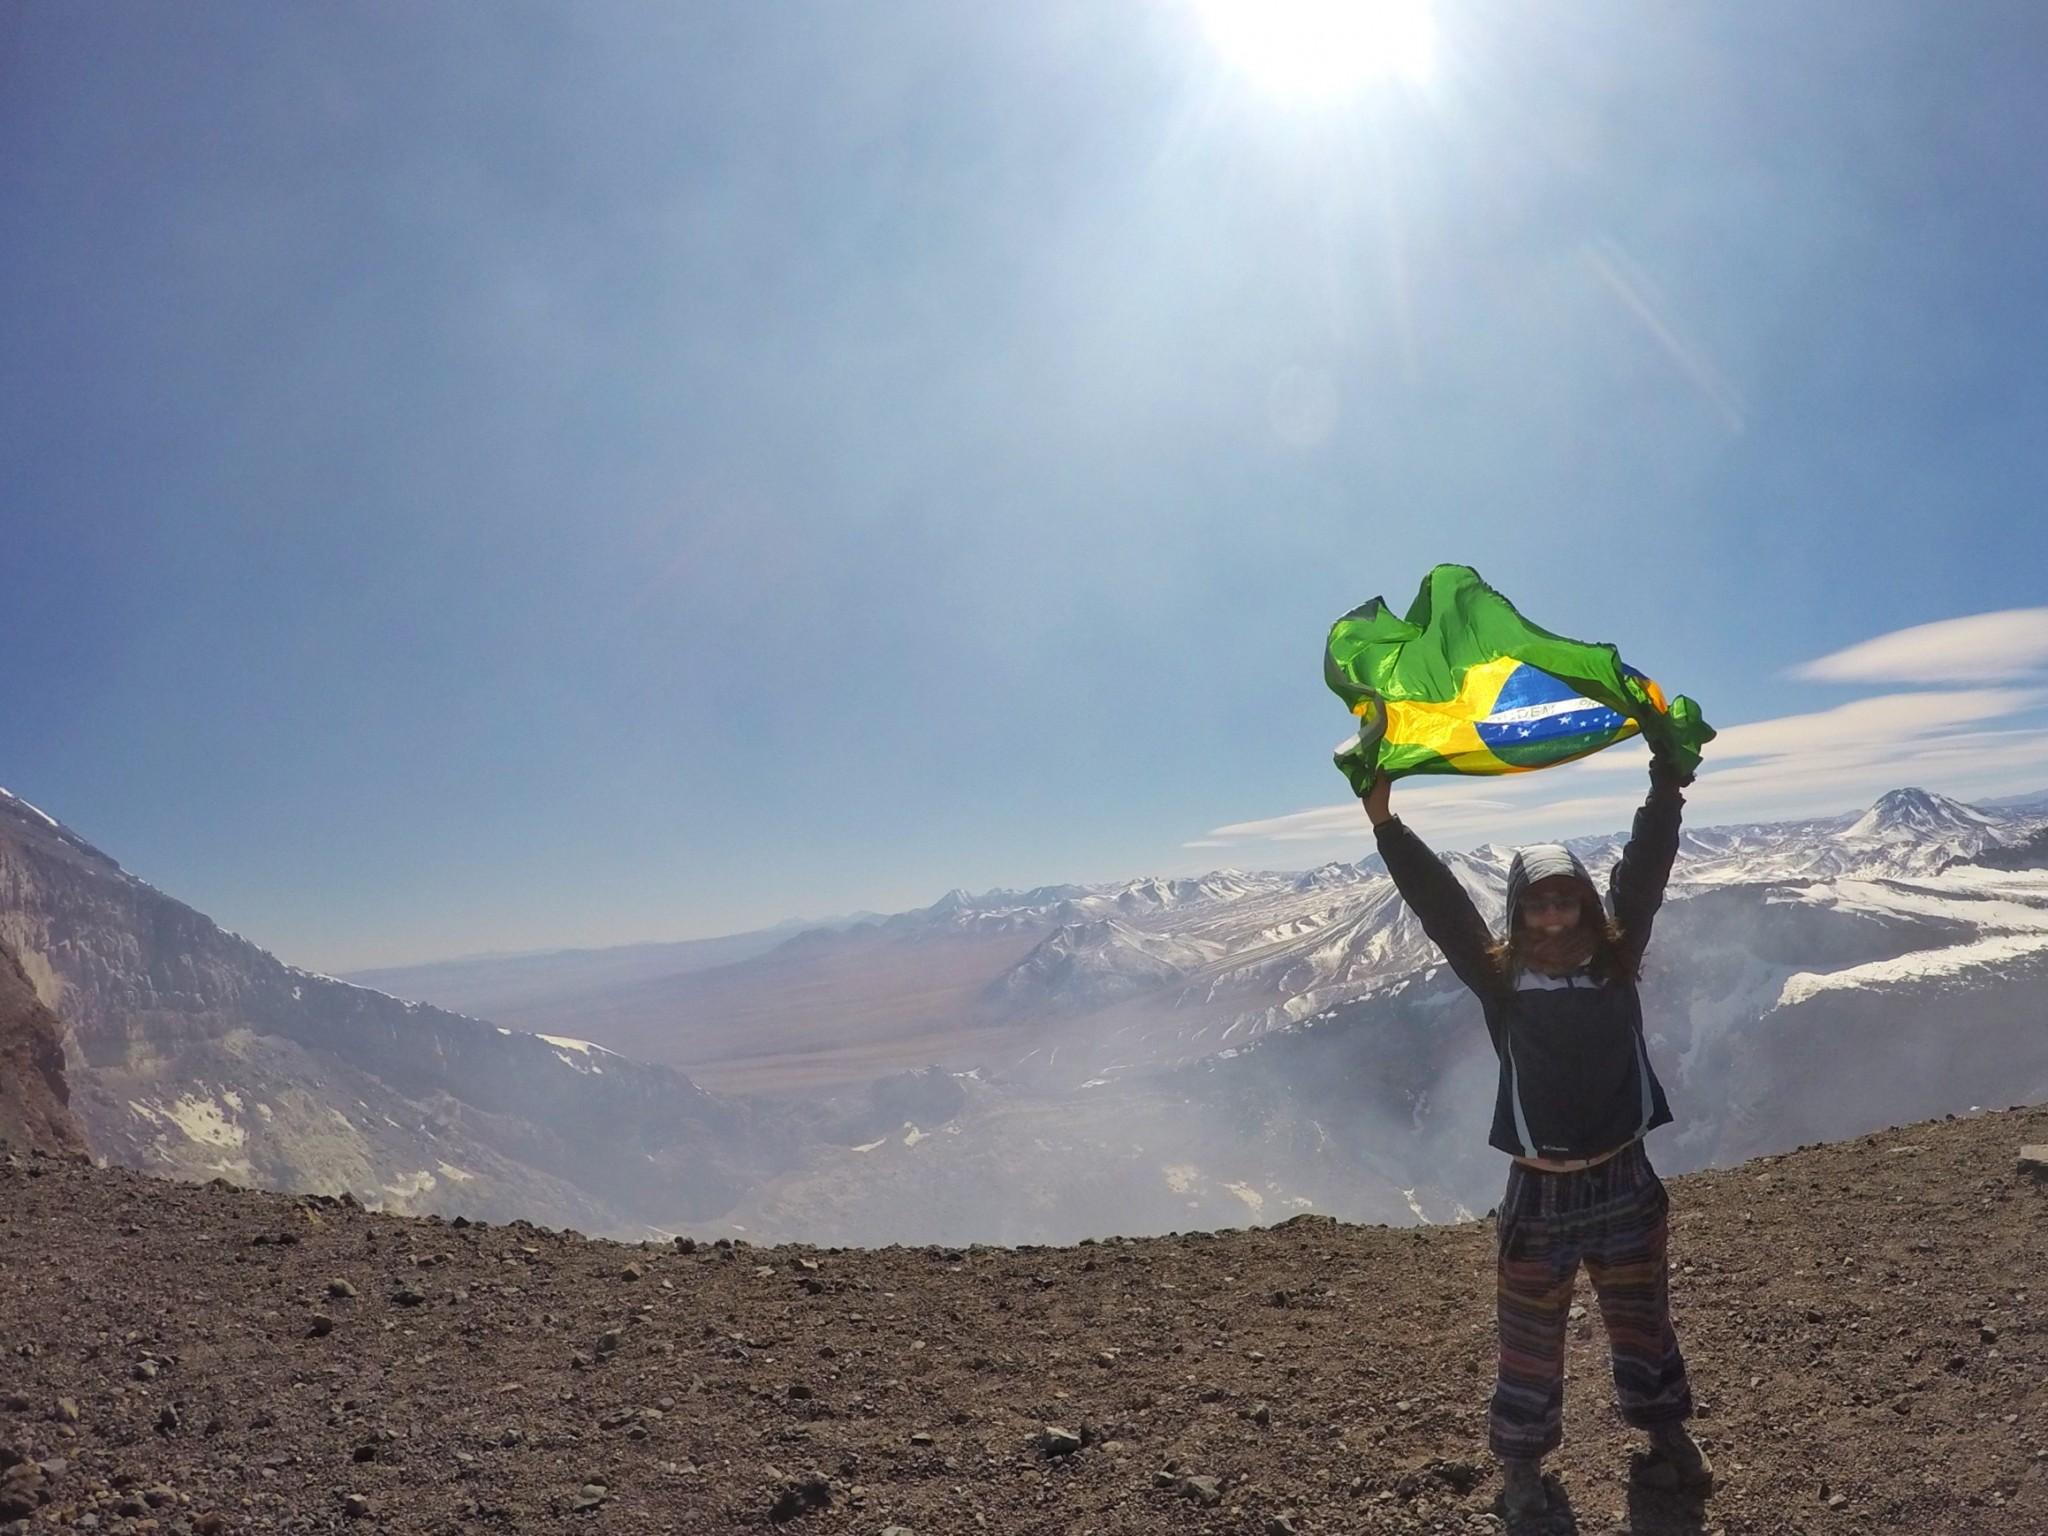 Só não é o primeiro na lista dos melhores passeios no Atacama porque cansa MUITO!